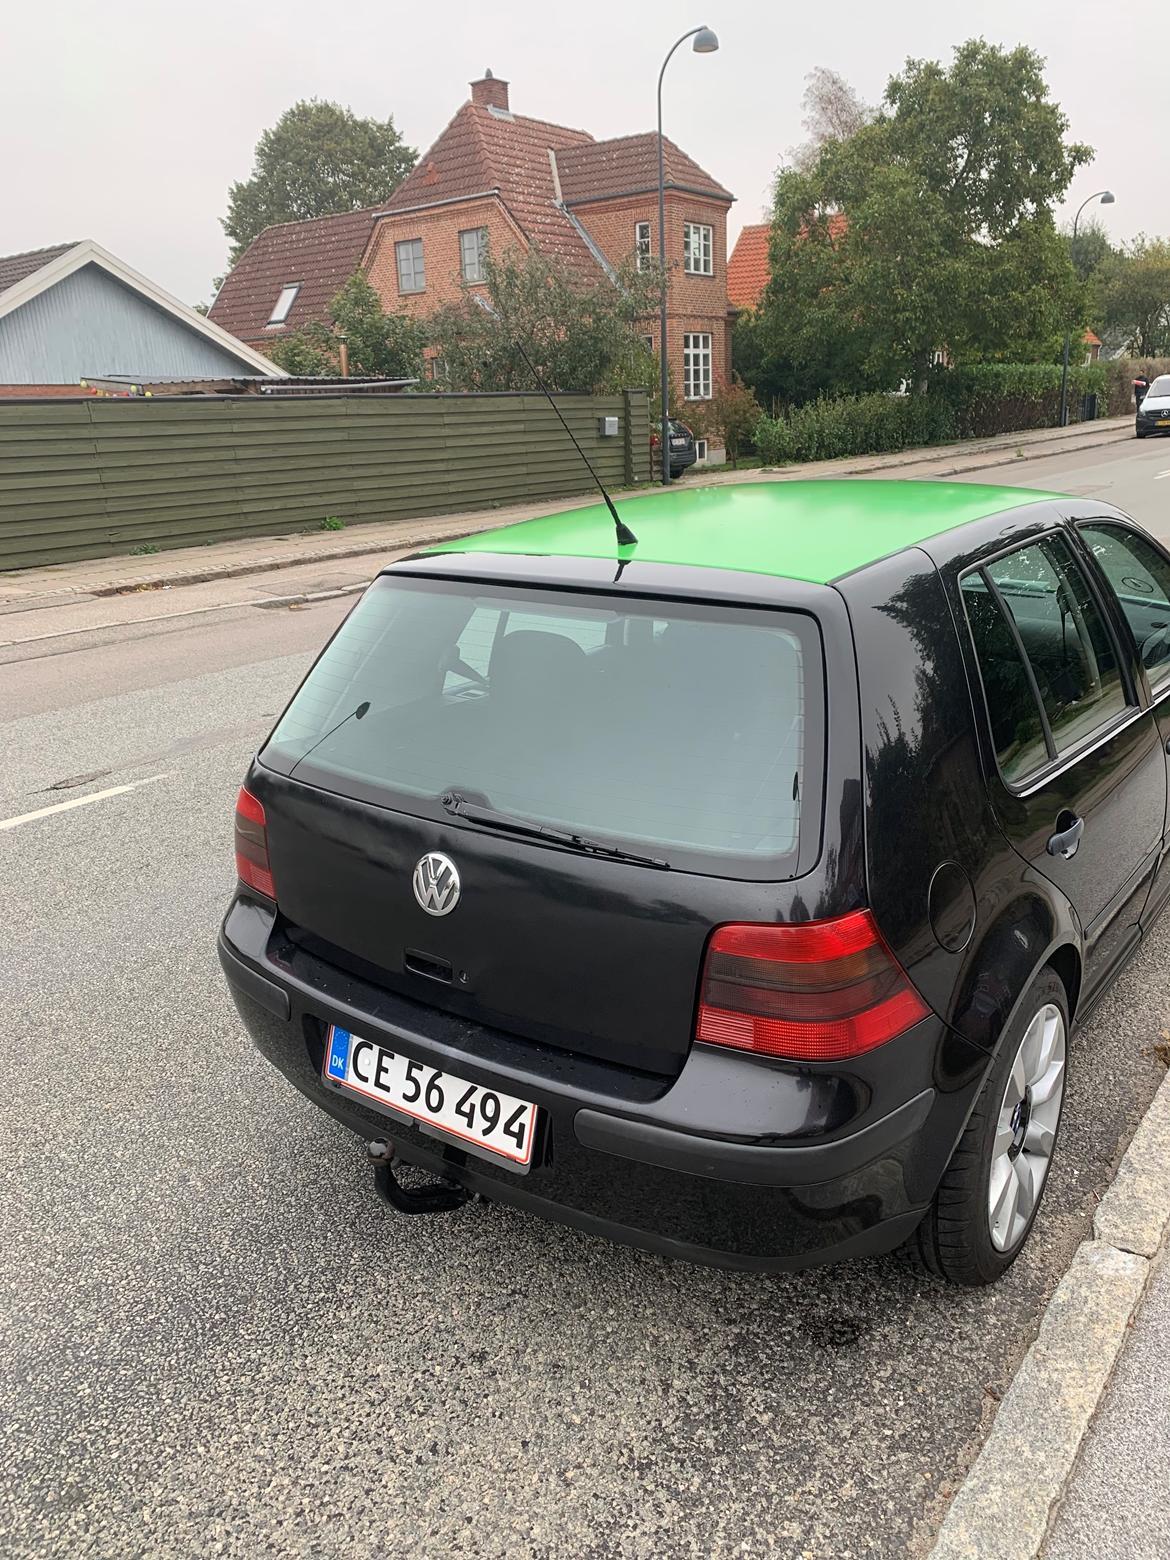 VW Golf 4 1.8 20v billede 1